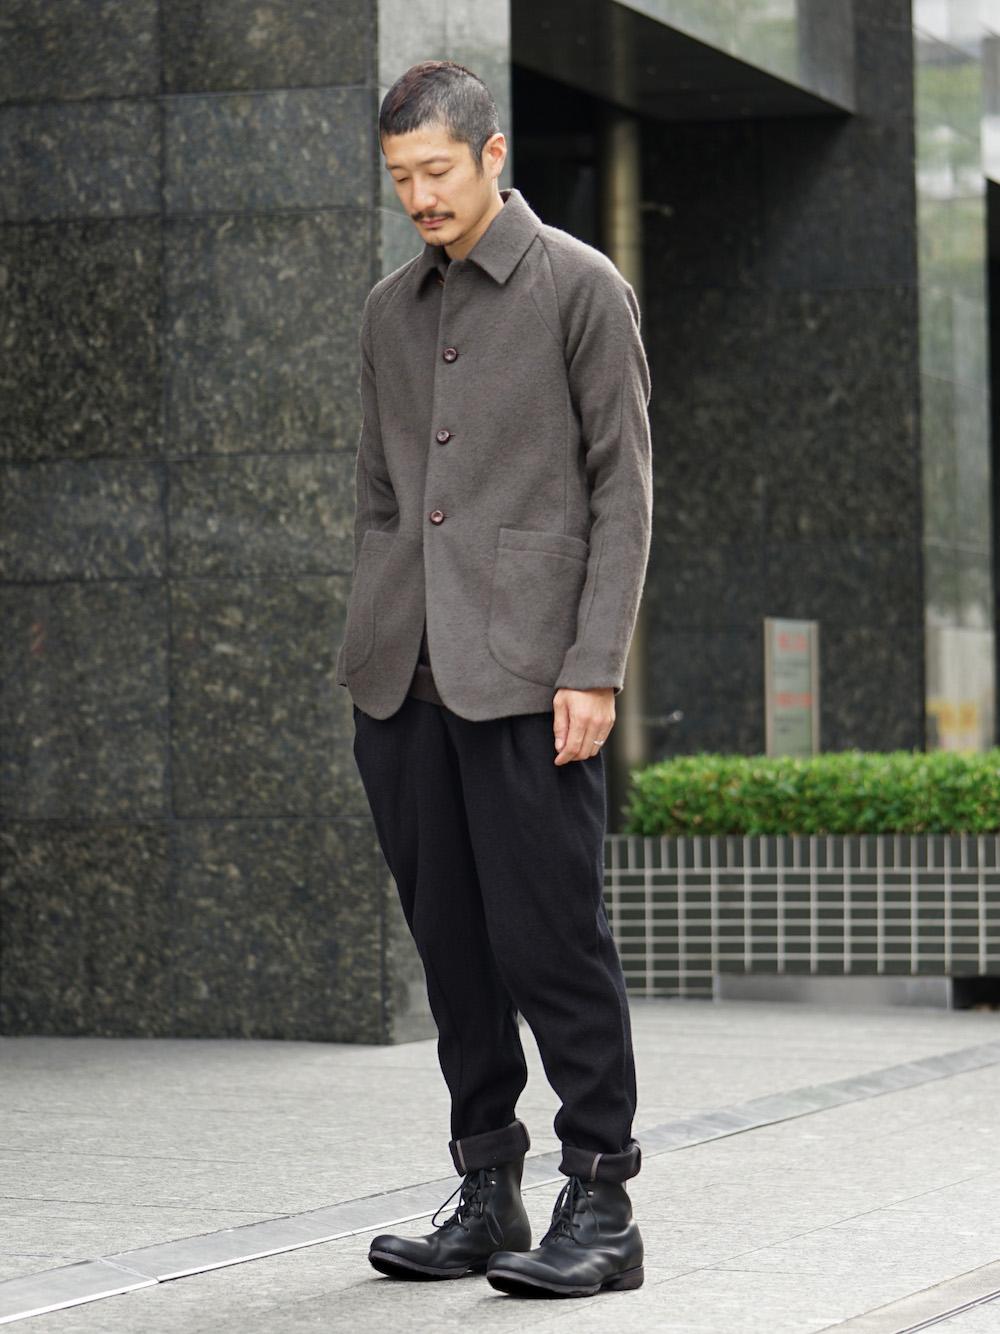 DEVOA 18-19AW Camel / Linen Coat & Jacket style FW18-19-003